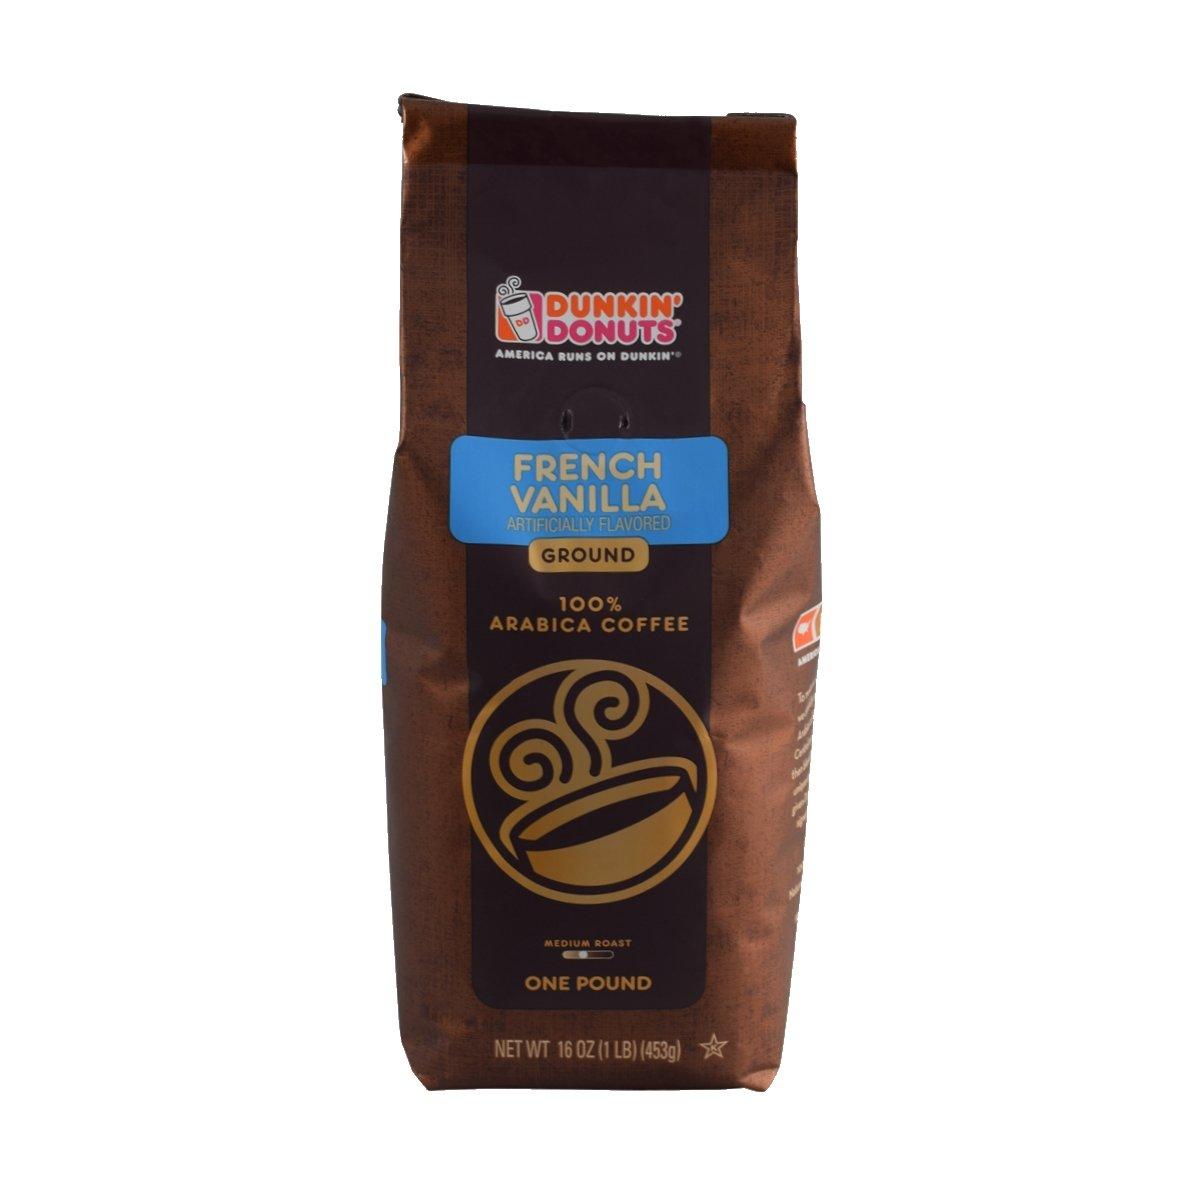 Amazon.com : Dunkin Donuts Ground Coffee - Hazelnut, 1-lb : Grocery & Gourmet Food